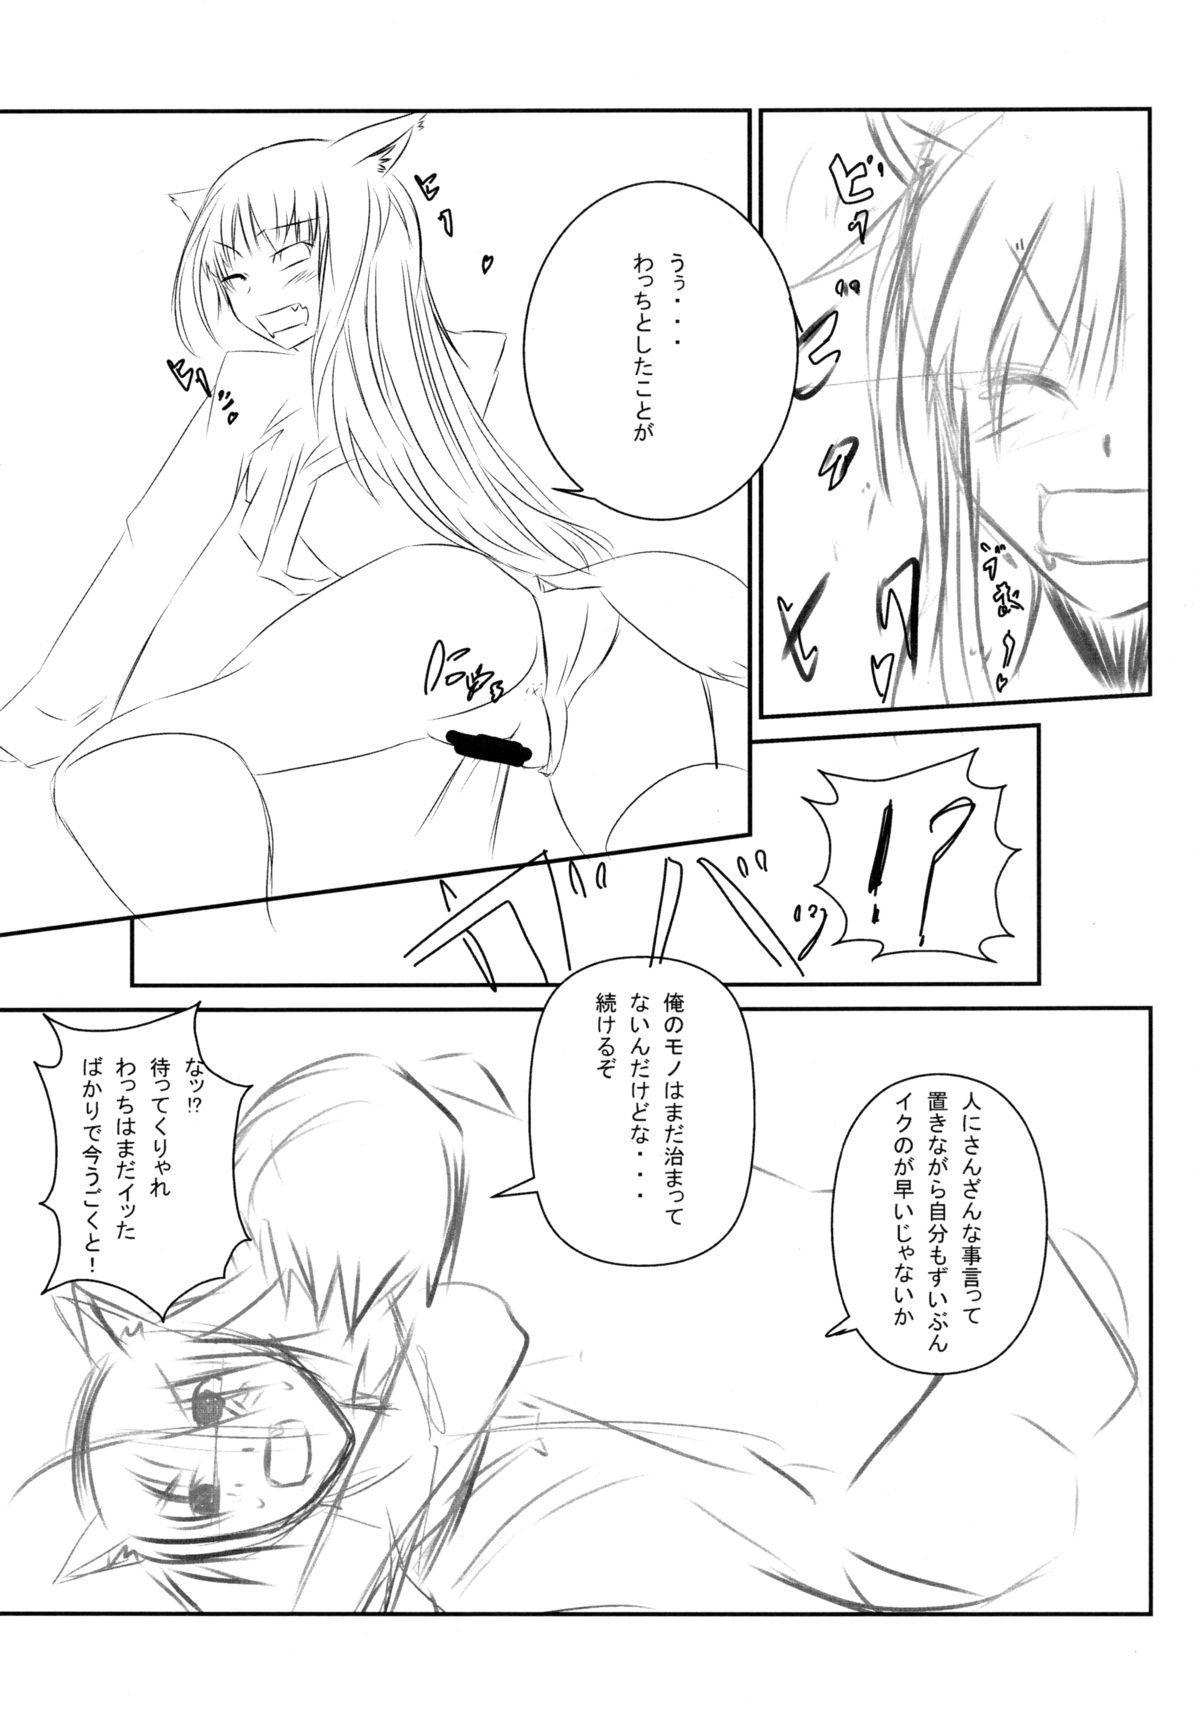 Ookamito Koushinryou IIKB 26